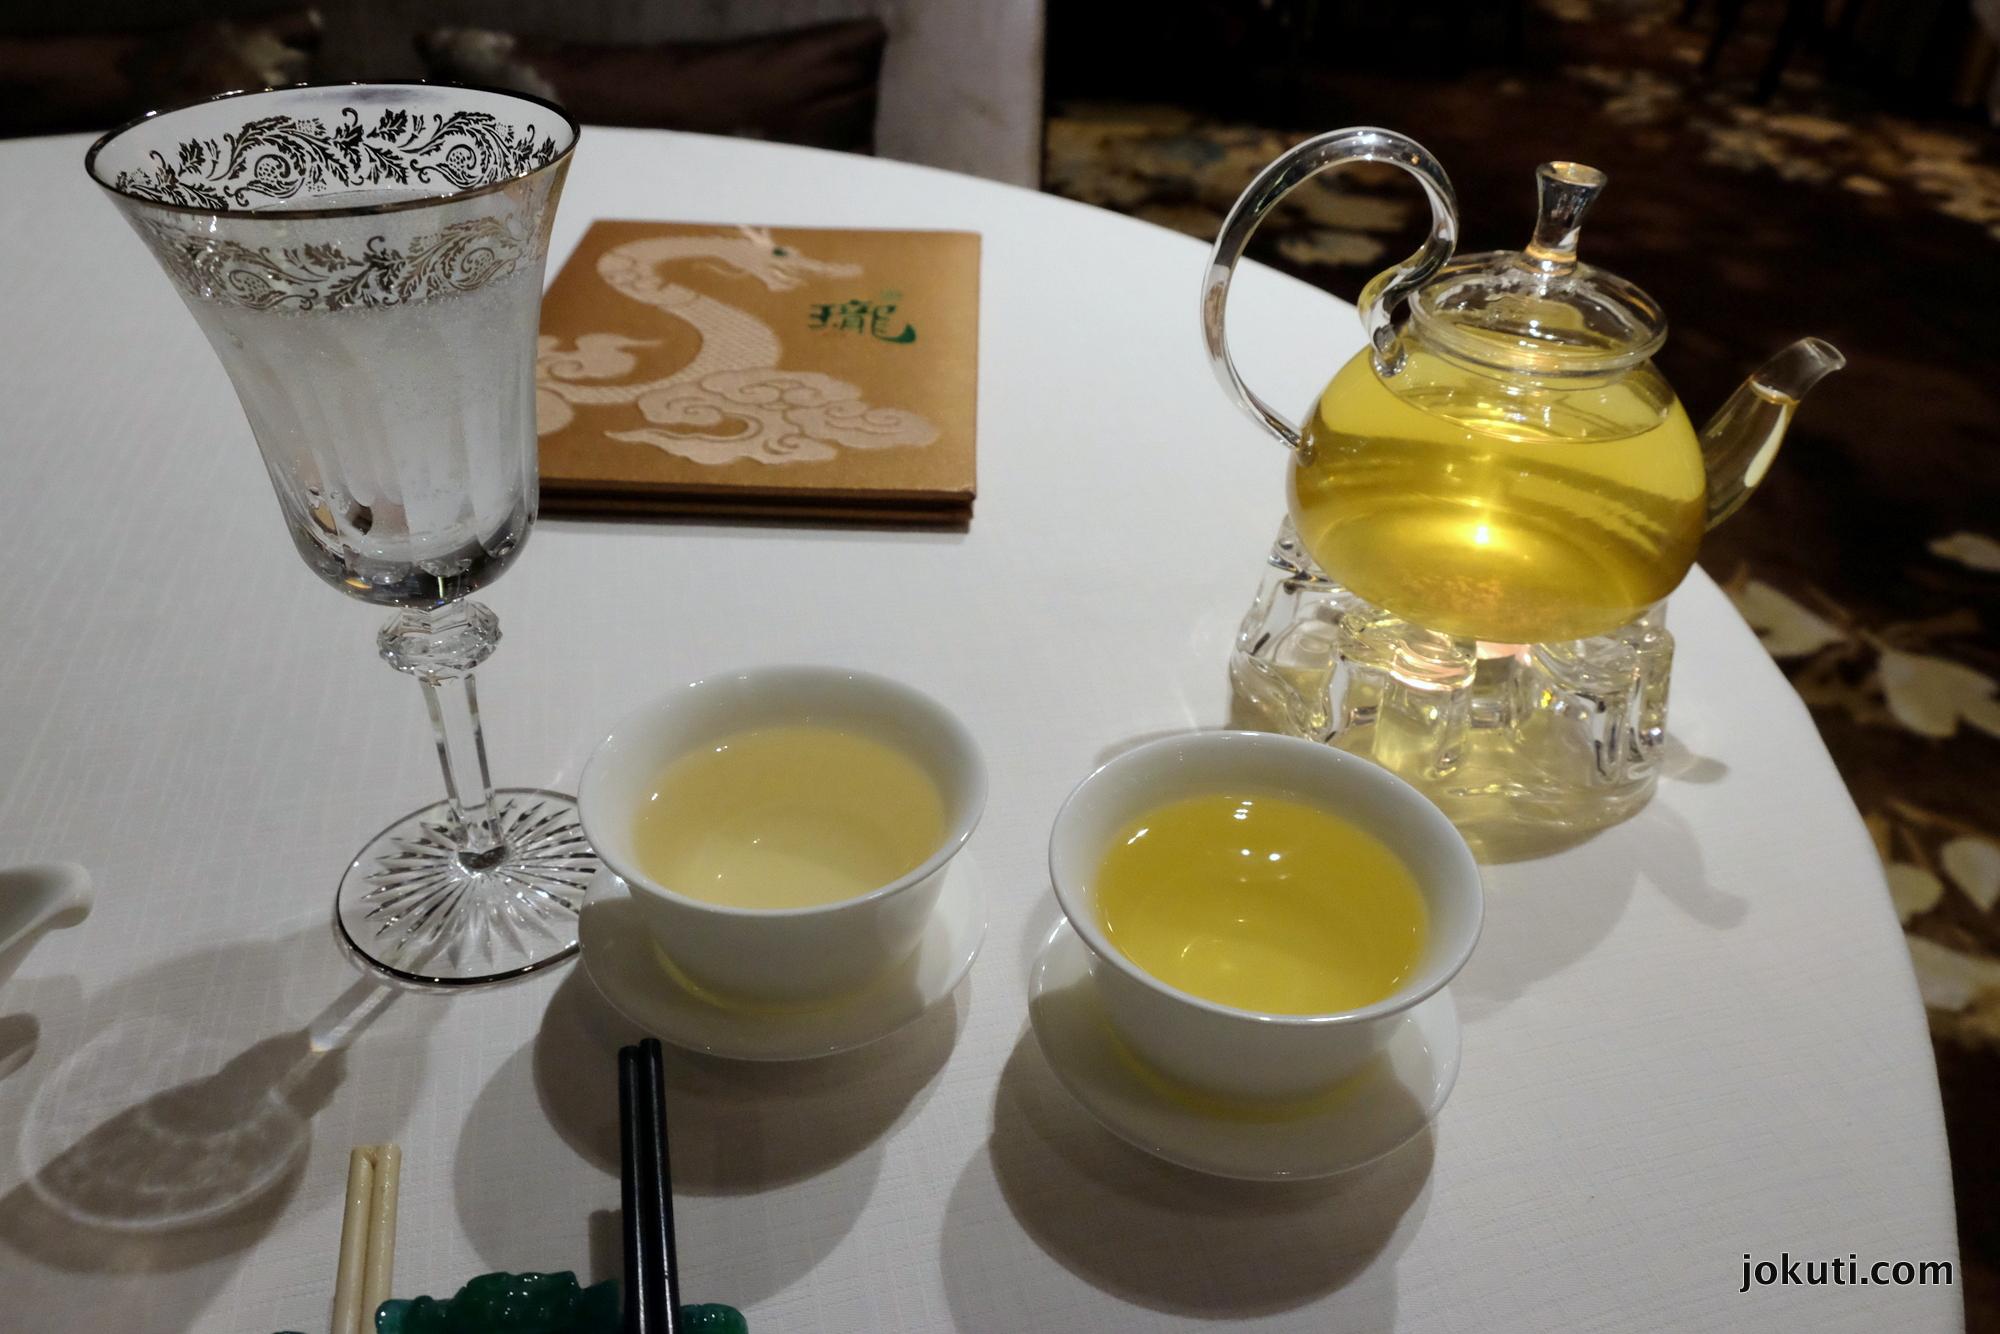 dscf6888_jade_dragon_restaurant_cantonese_chinese_michelin_macau_makao_china_kinai_vilagevo_jokuti.jpg